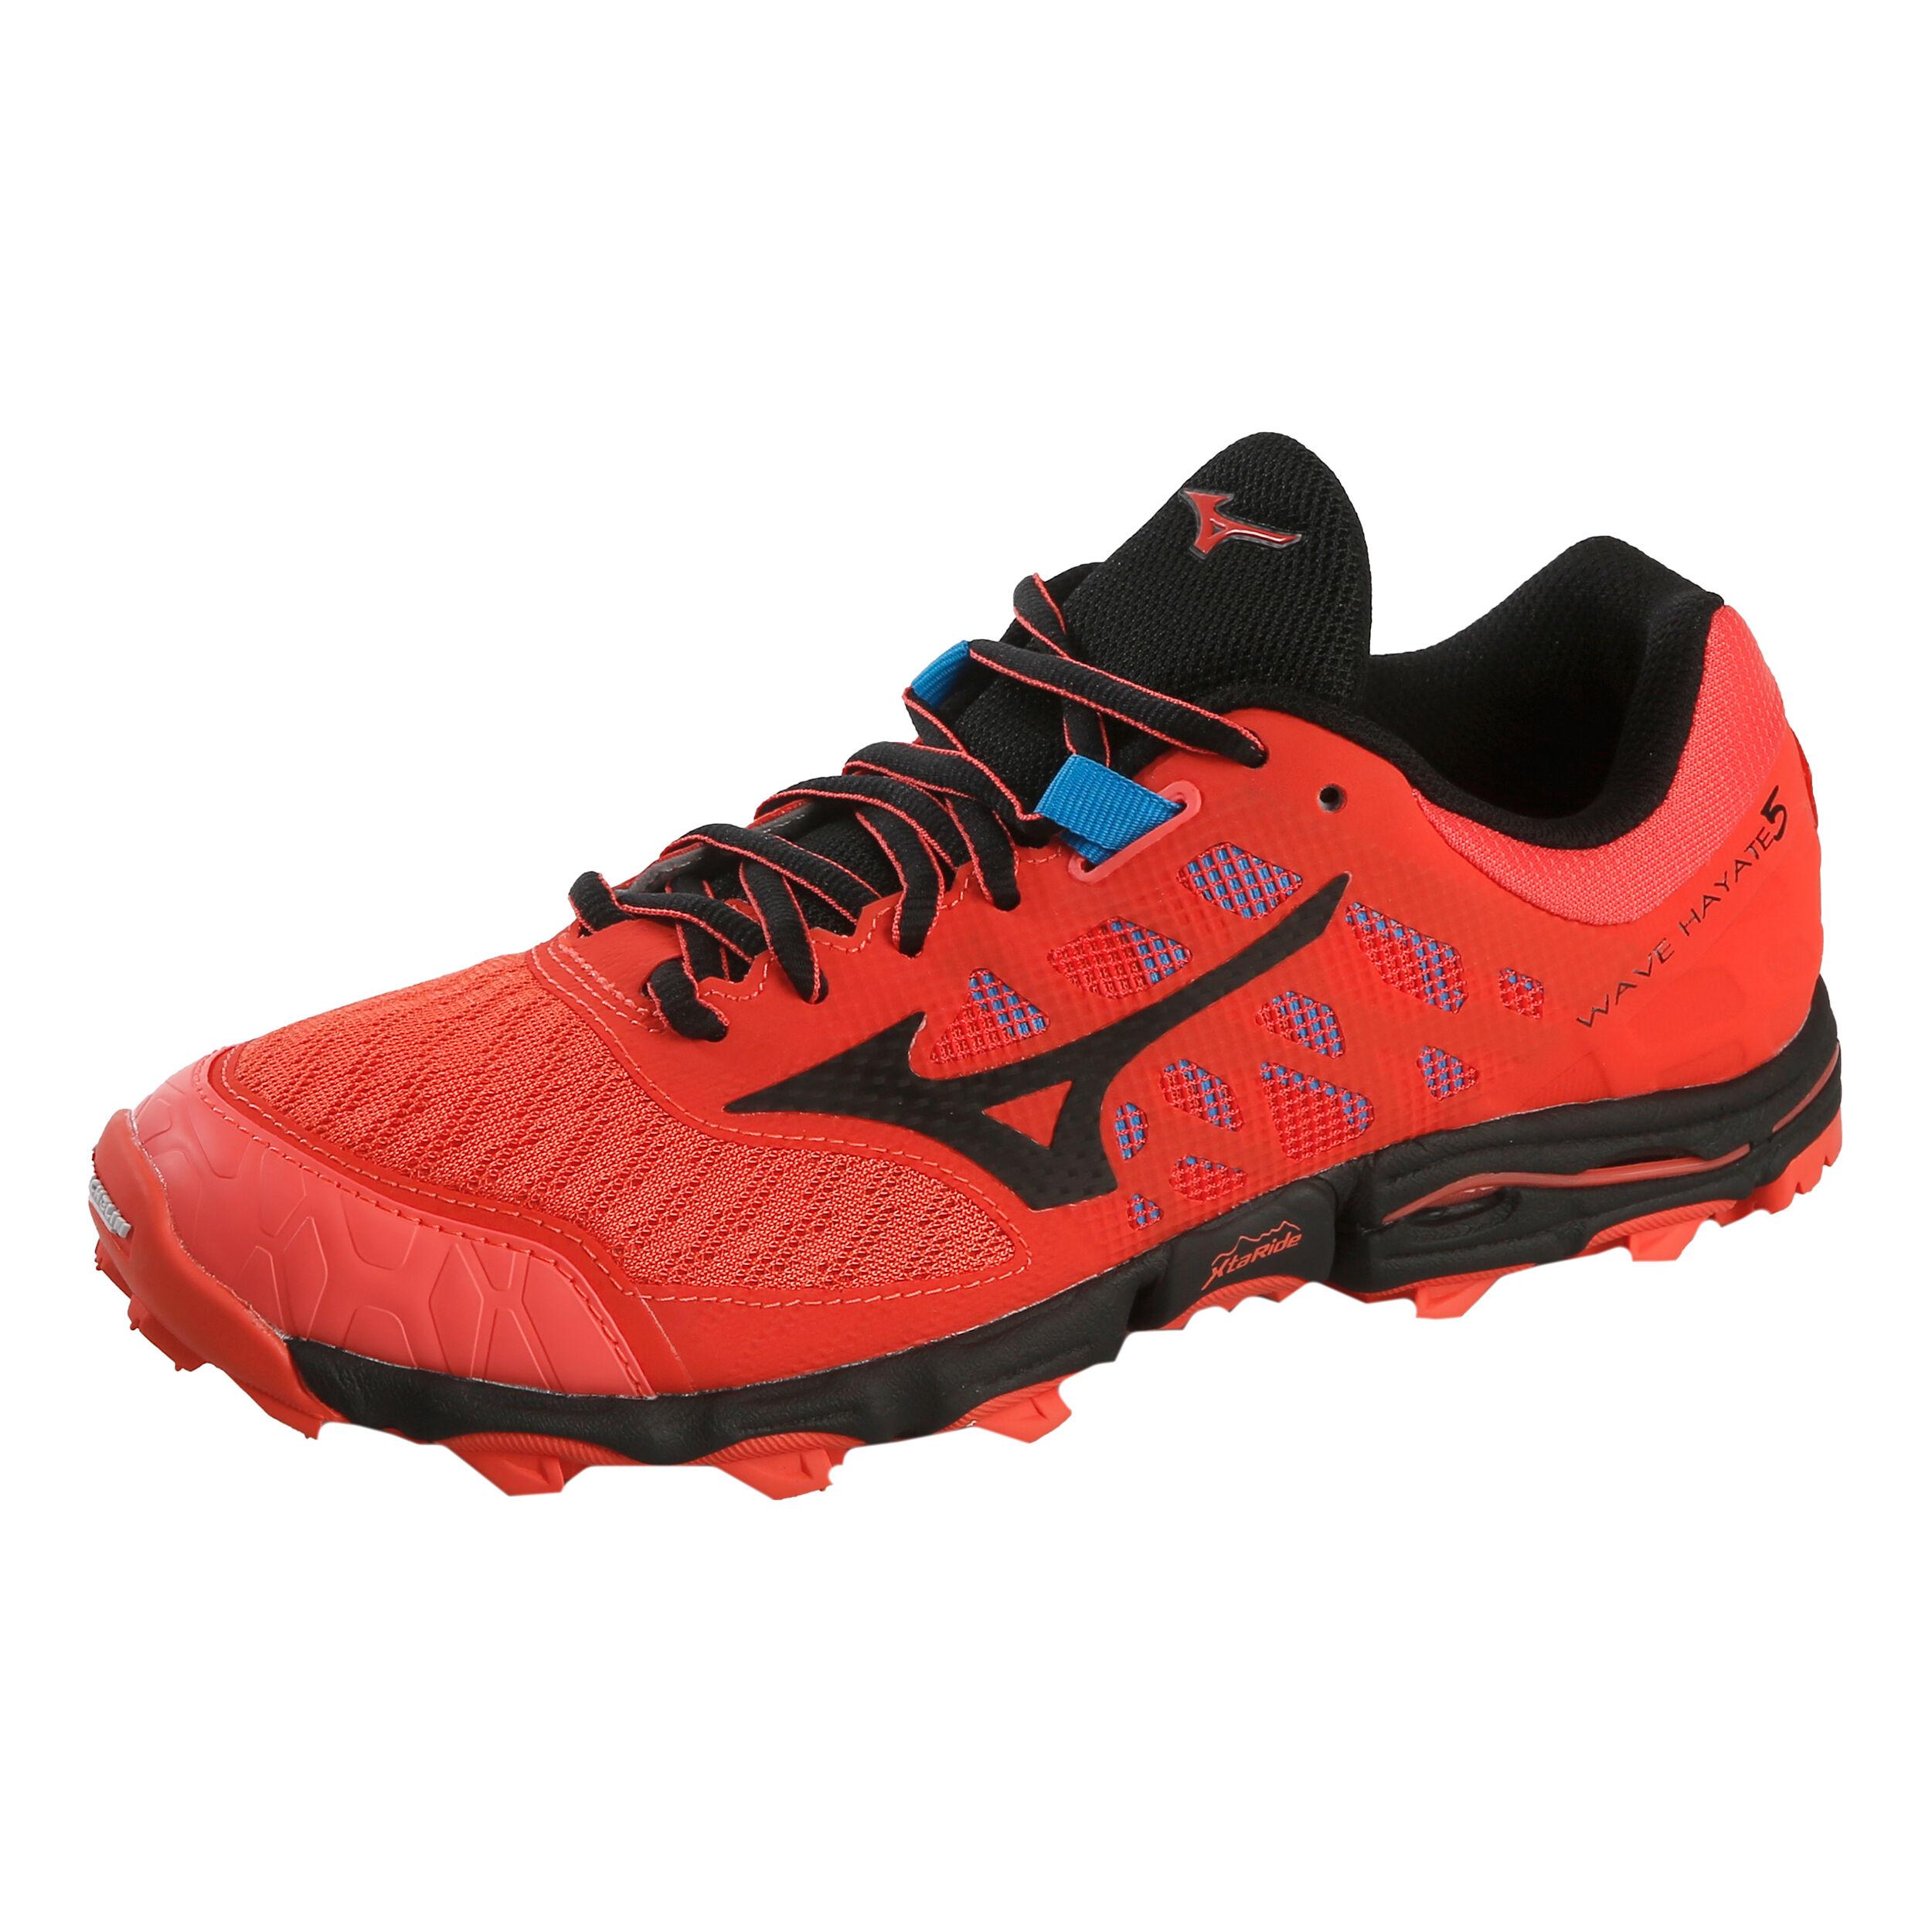 Outdoor Schuhe | Running Schuhe : X Bionic Mode Online